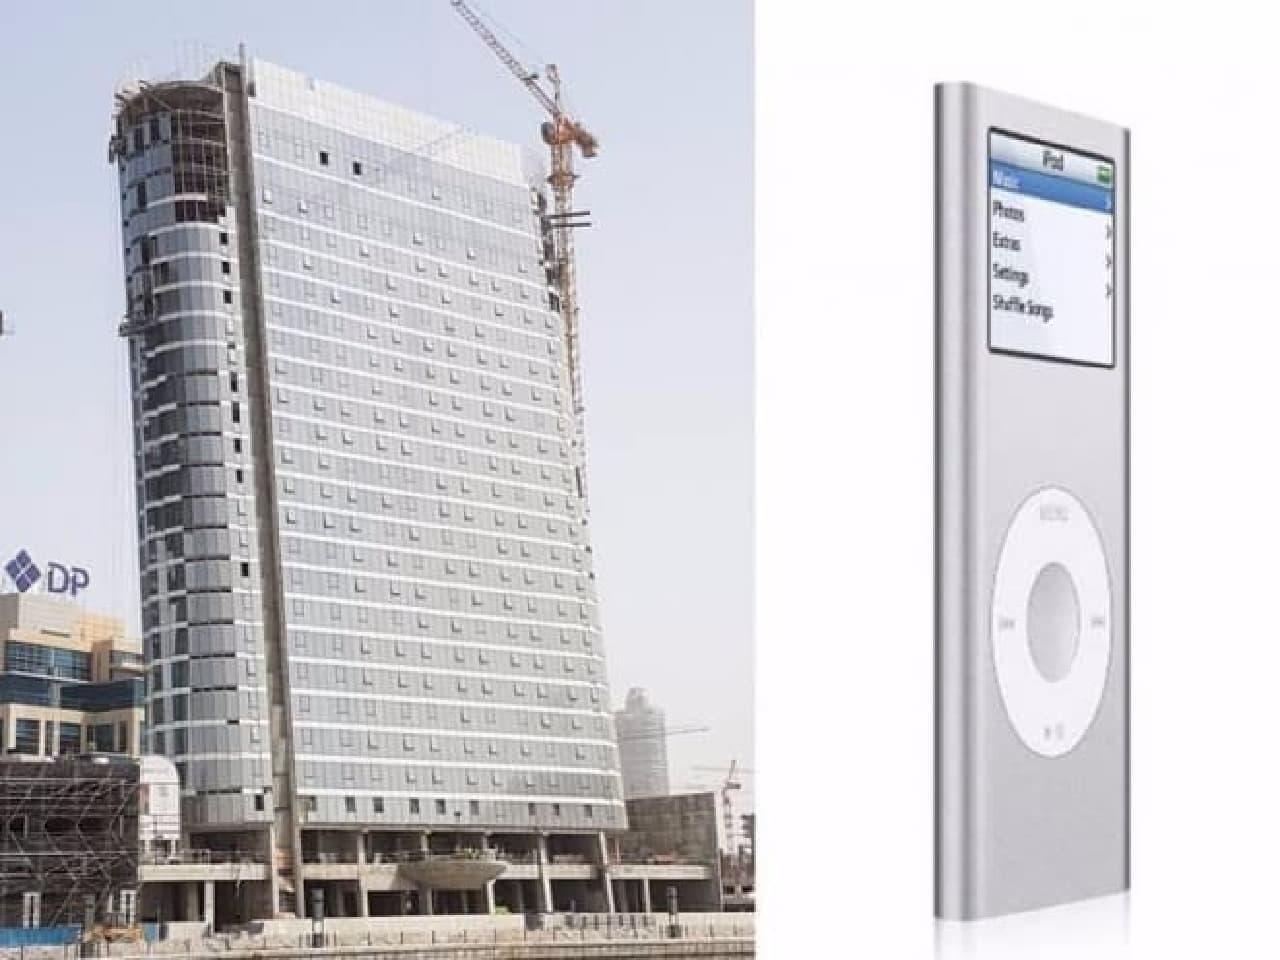 iPodにインスパイアされたビル、ドバイの「The Pad」